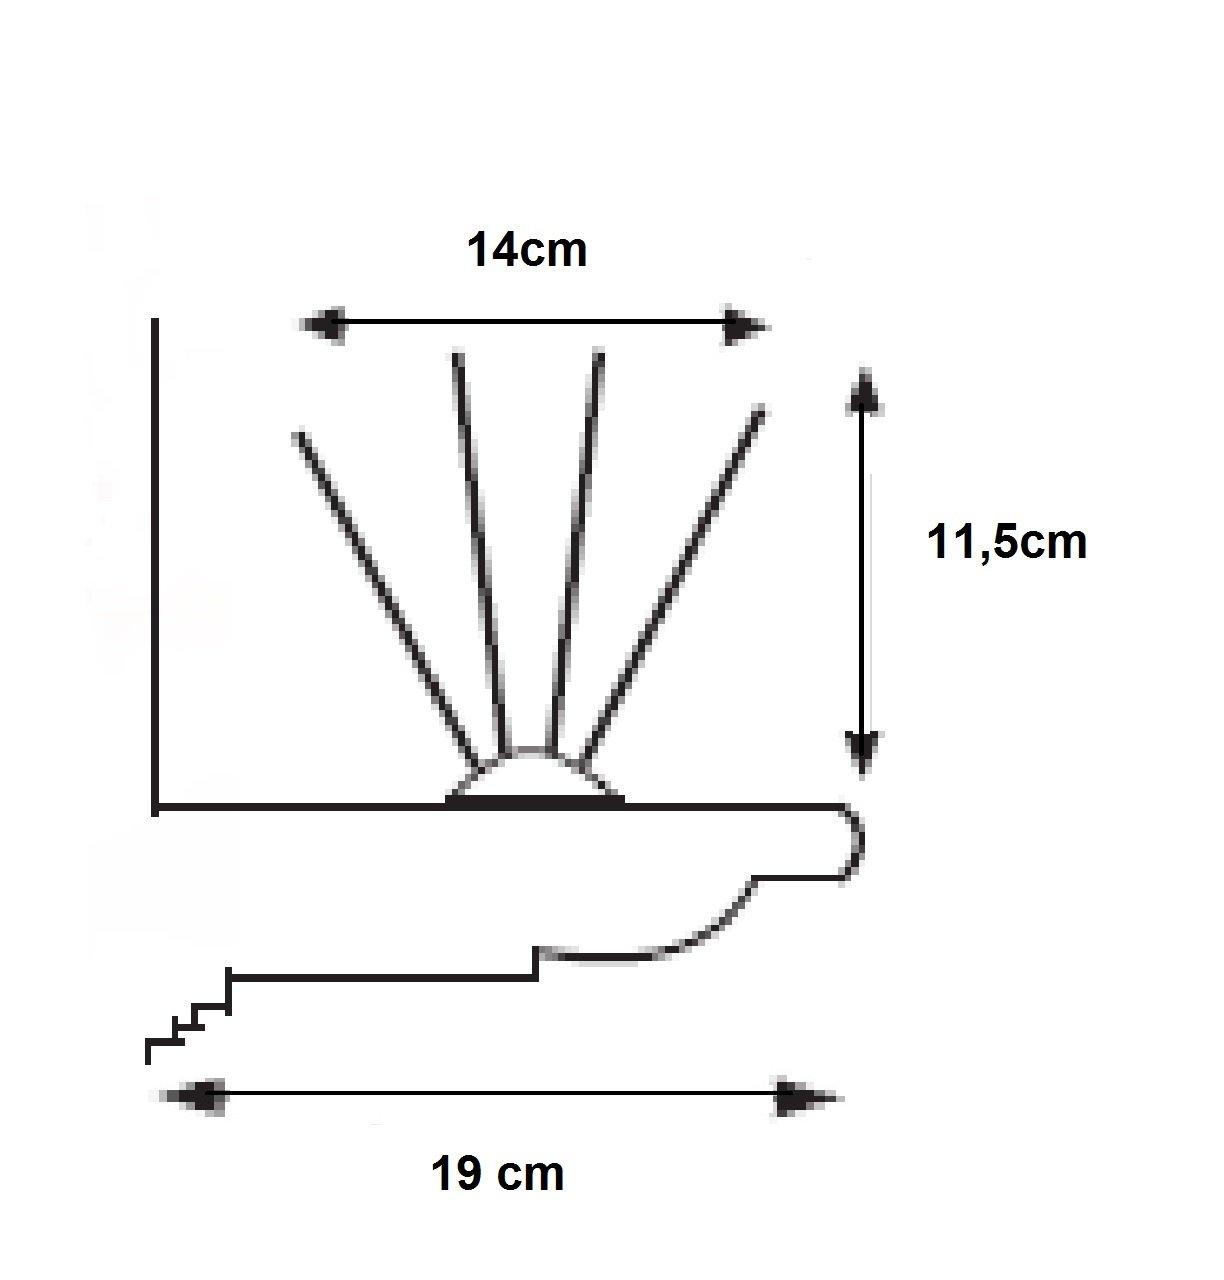 P/úa acero y base policarbonato 10 a/ños garant/ía. fijador profesional Pack 5M pinchos antipalomas AVIFIN ip140